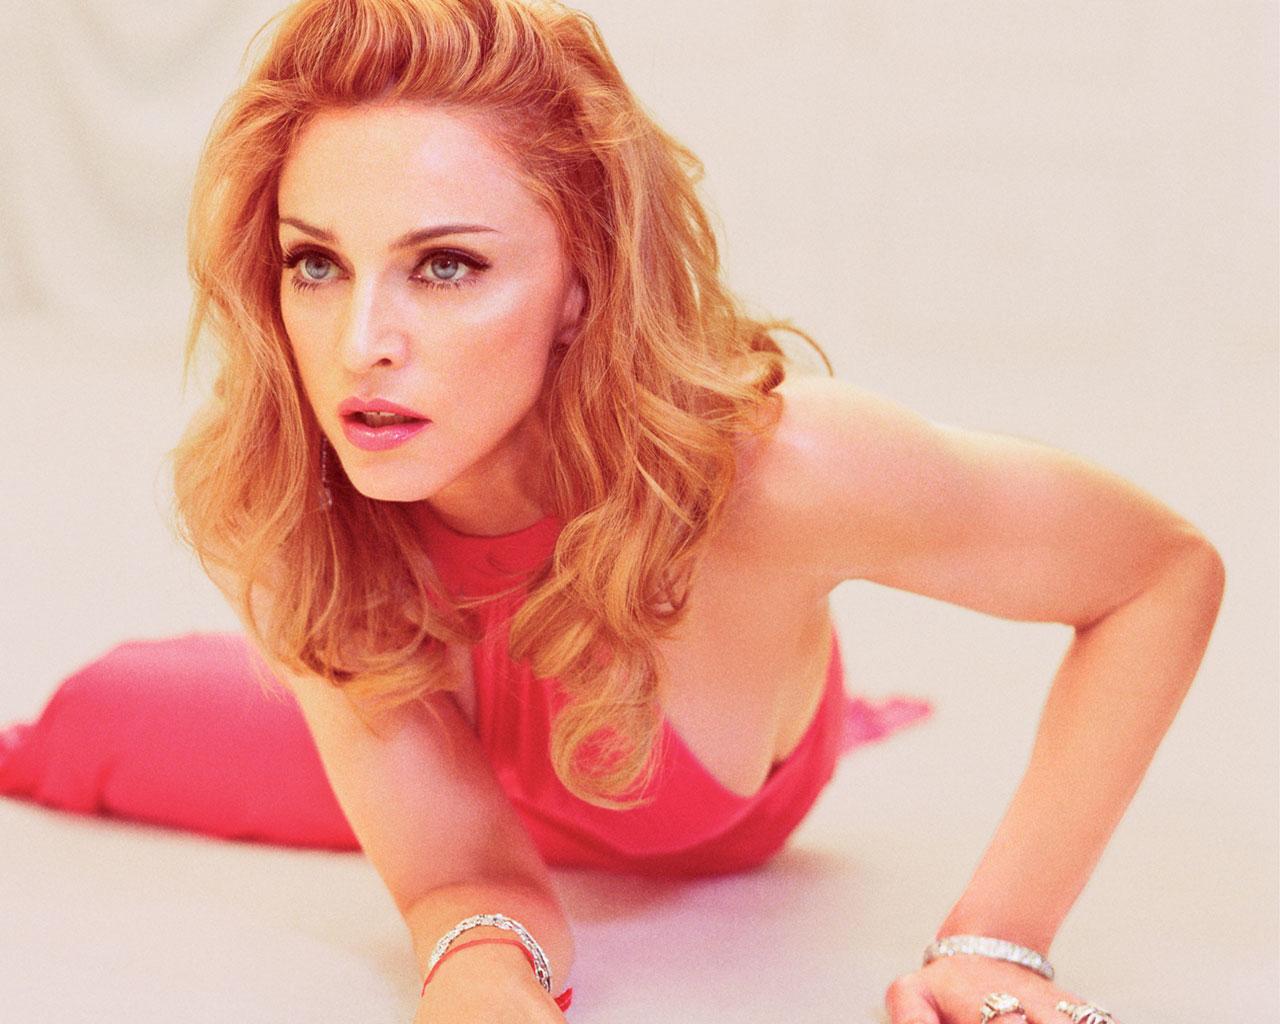 Madonna red color dress photos